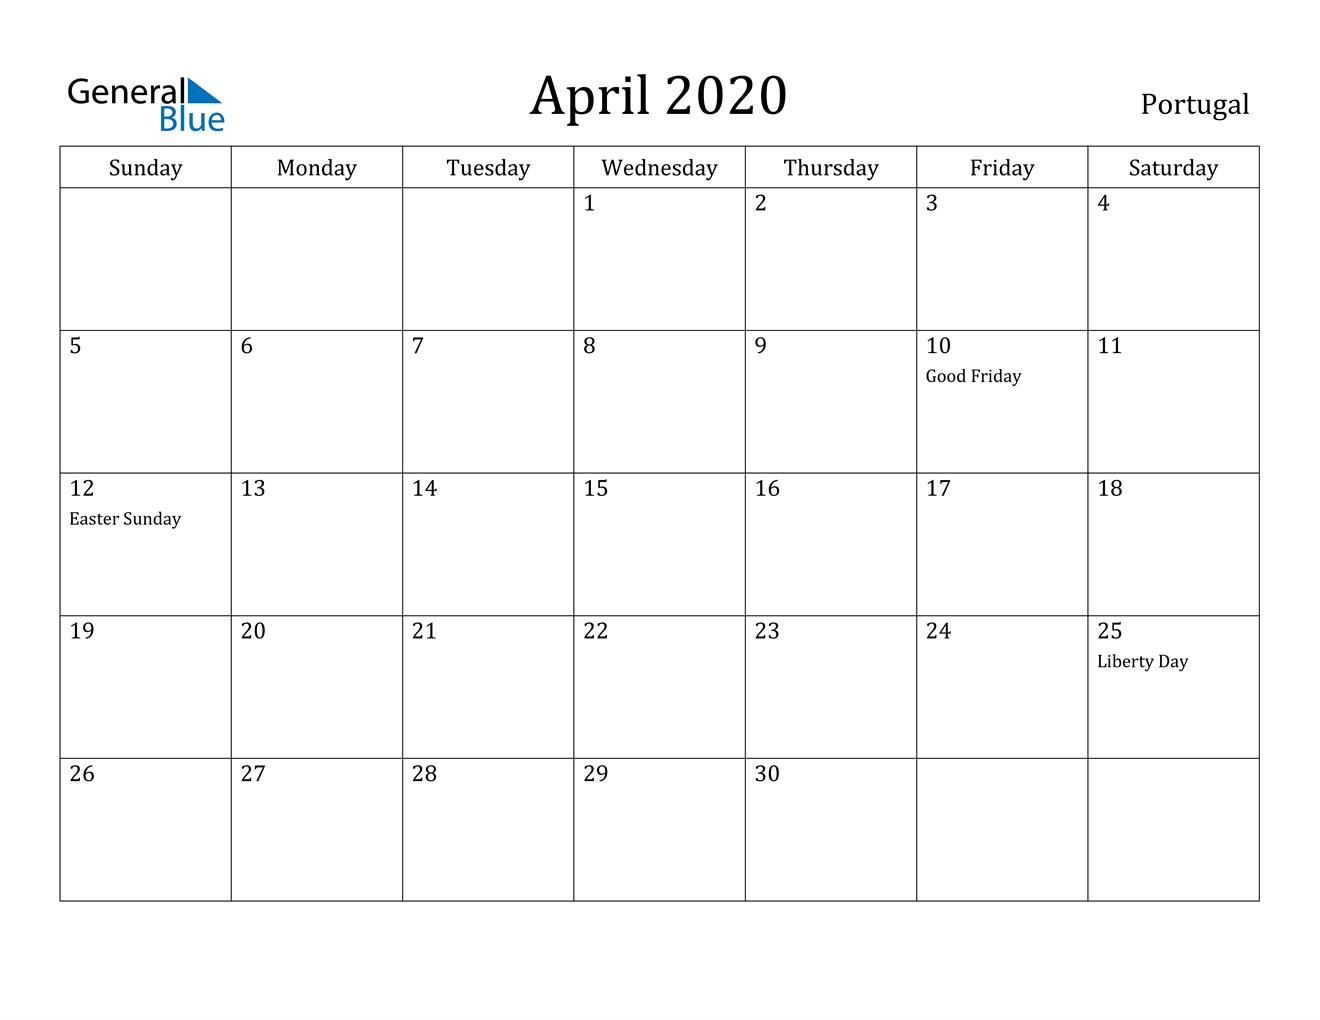 Image of April 2020 Portugal Calendar with Holidays Calendar